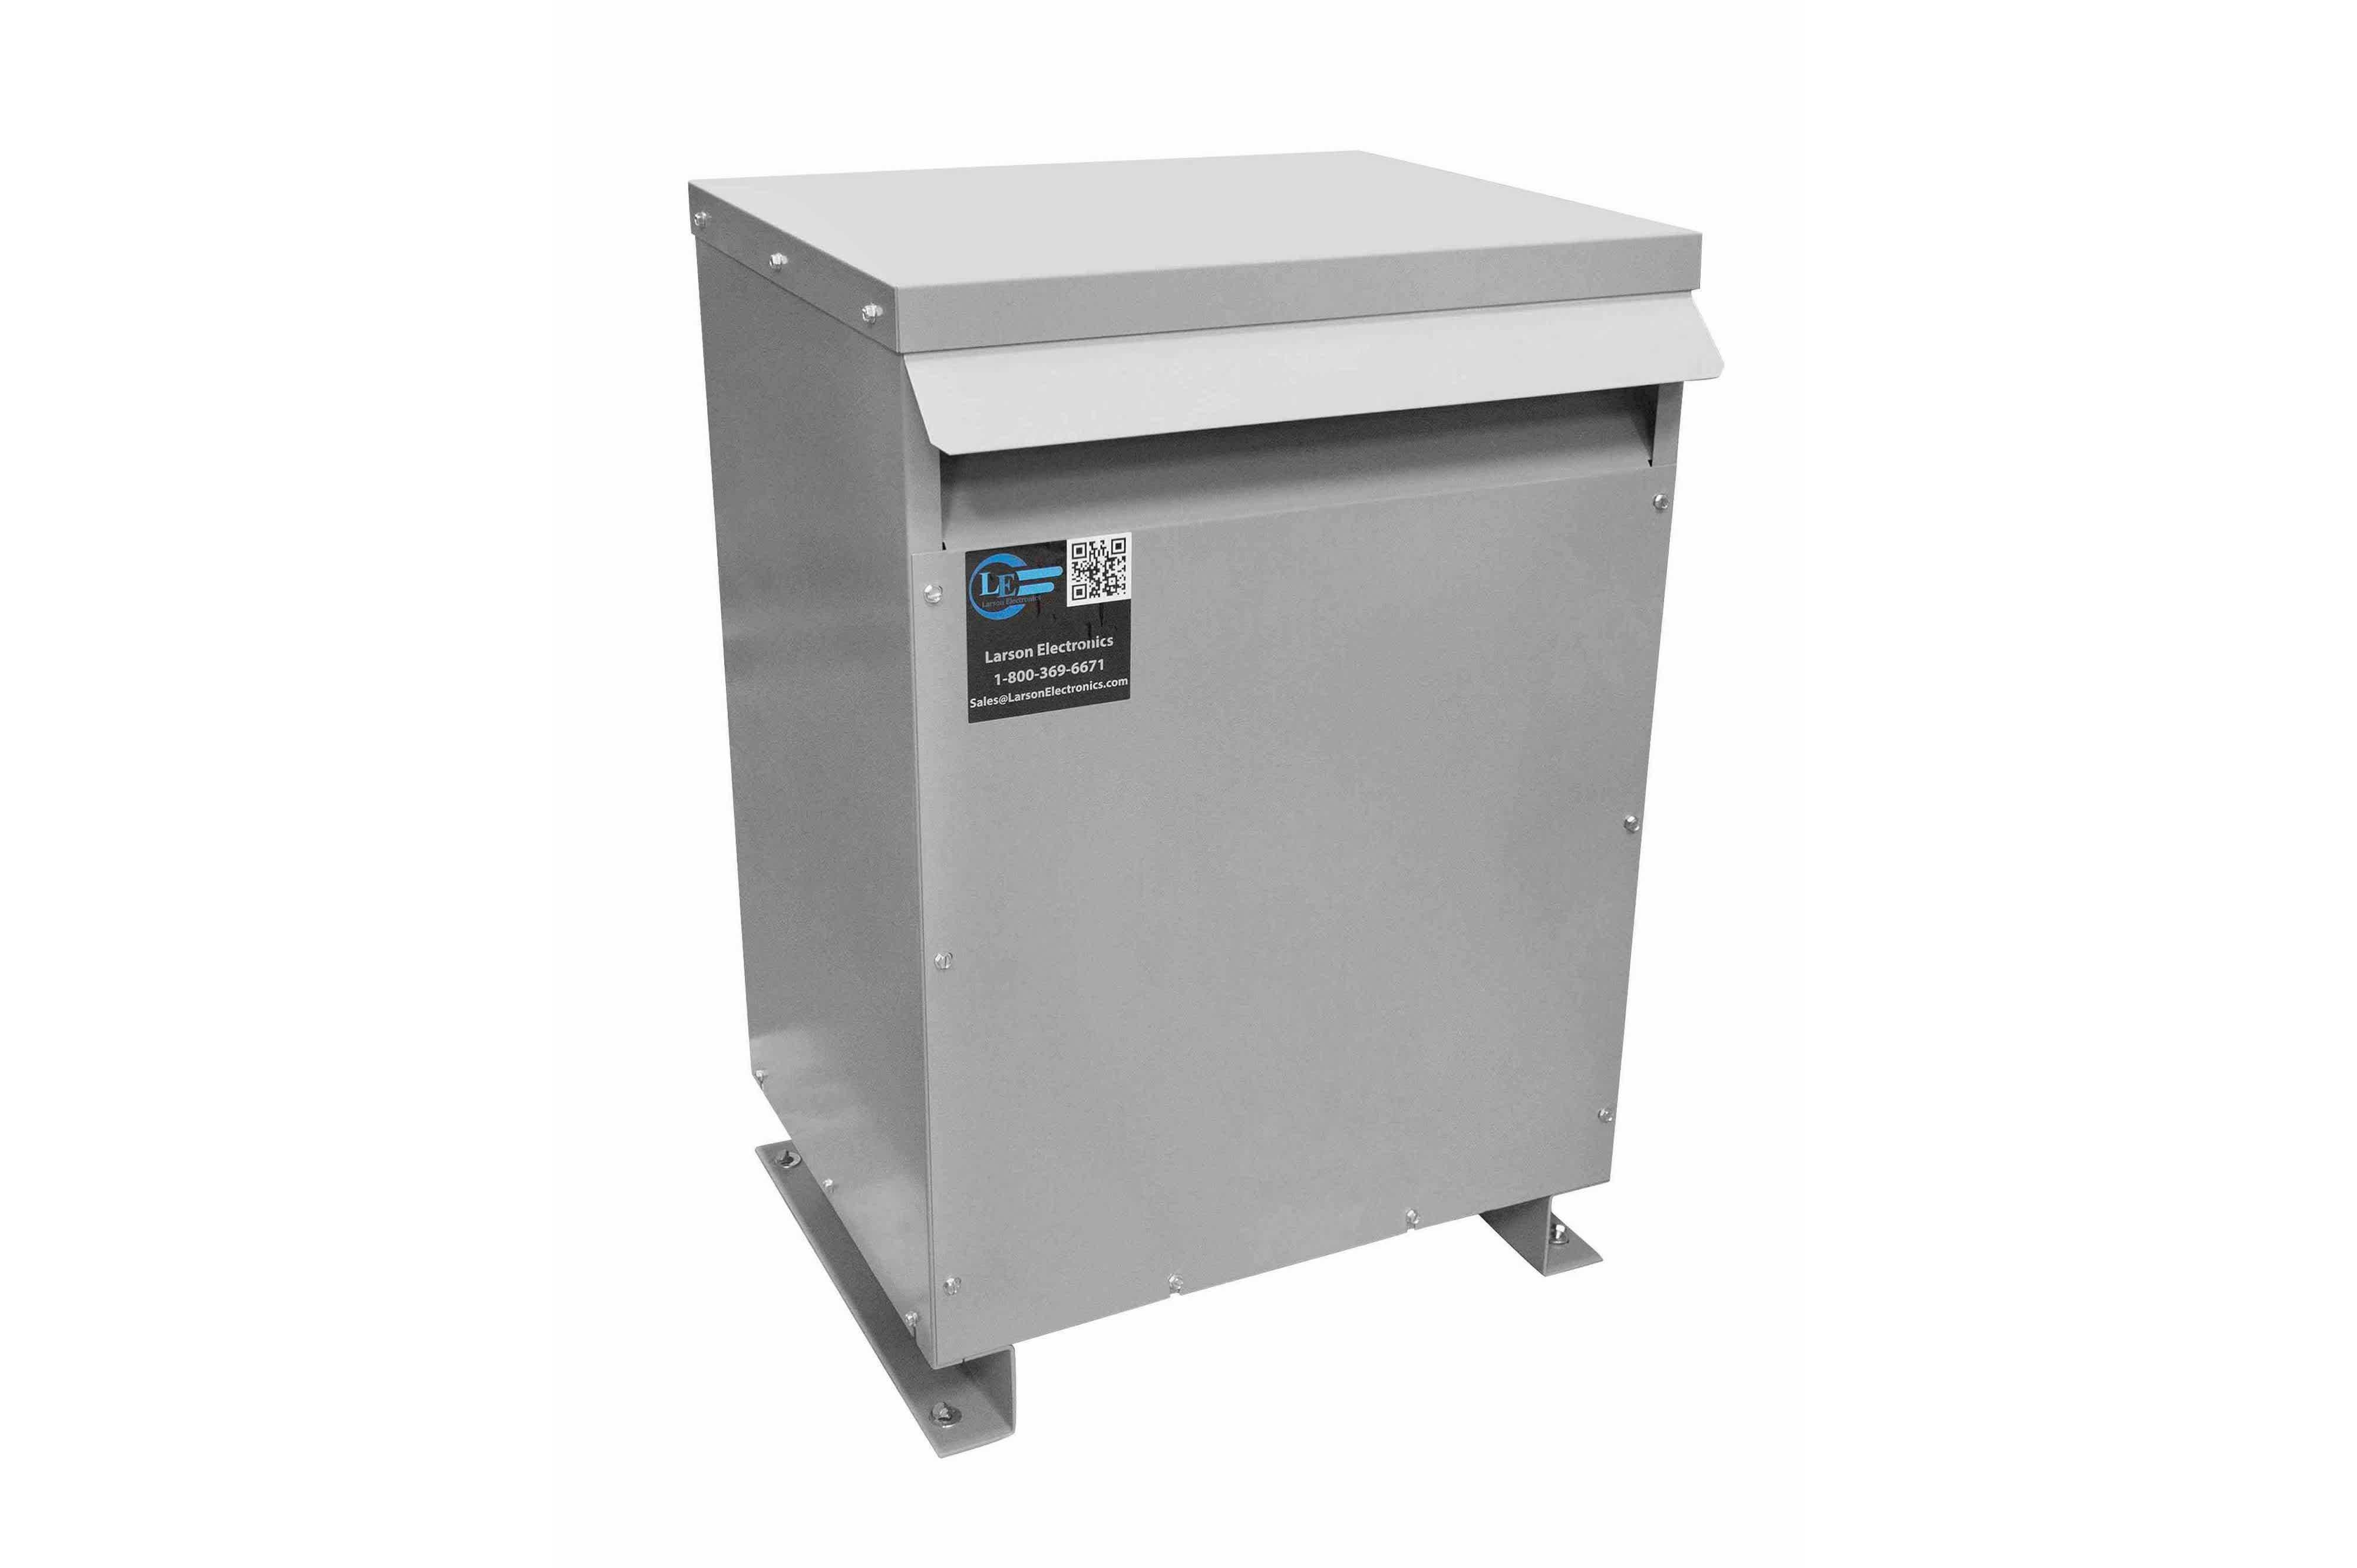 40 kVA 3PH Isolation Transformer, 575V Delta Primary, 208V Delta Secondary, N3R, Ventilated, 60 Hz